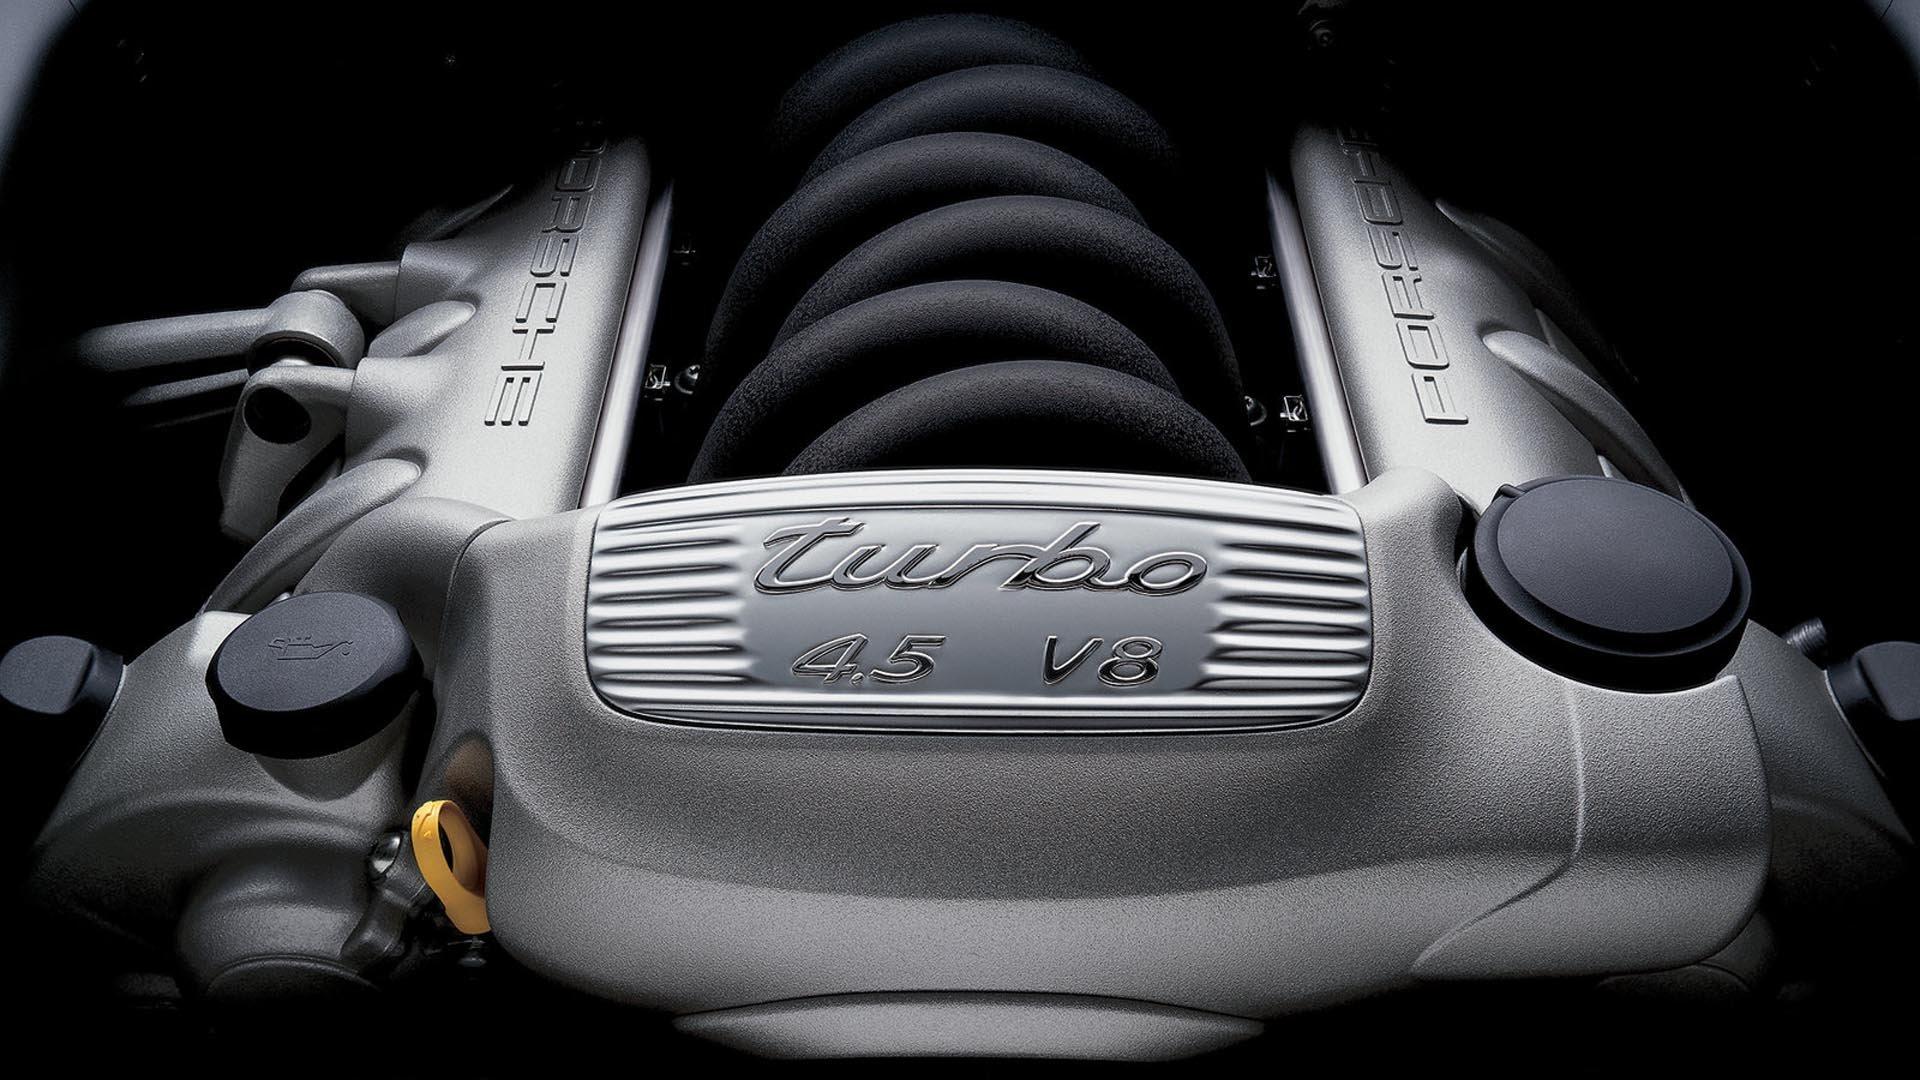 Porsche Cayenne Engine Bay 4.5 V8